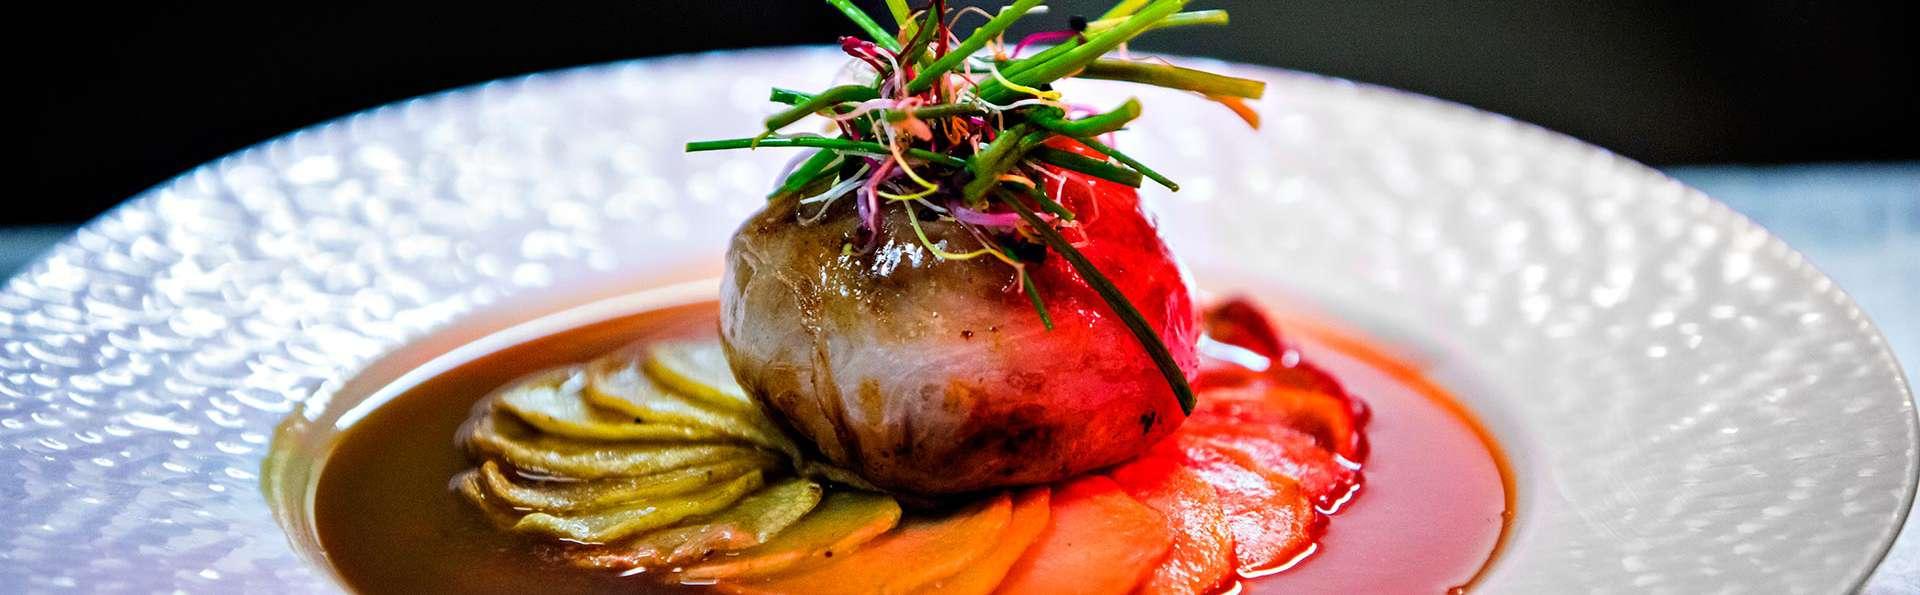 Offre spéciale! Weekend aux petits oignons avec dîner et apéritif local à Moissac (2 nuits)